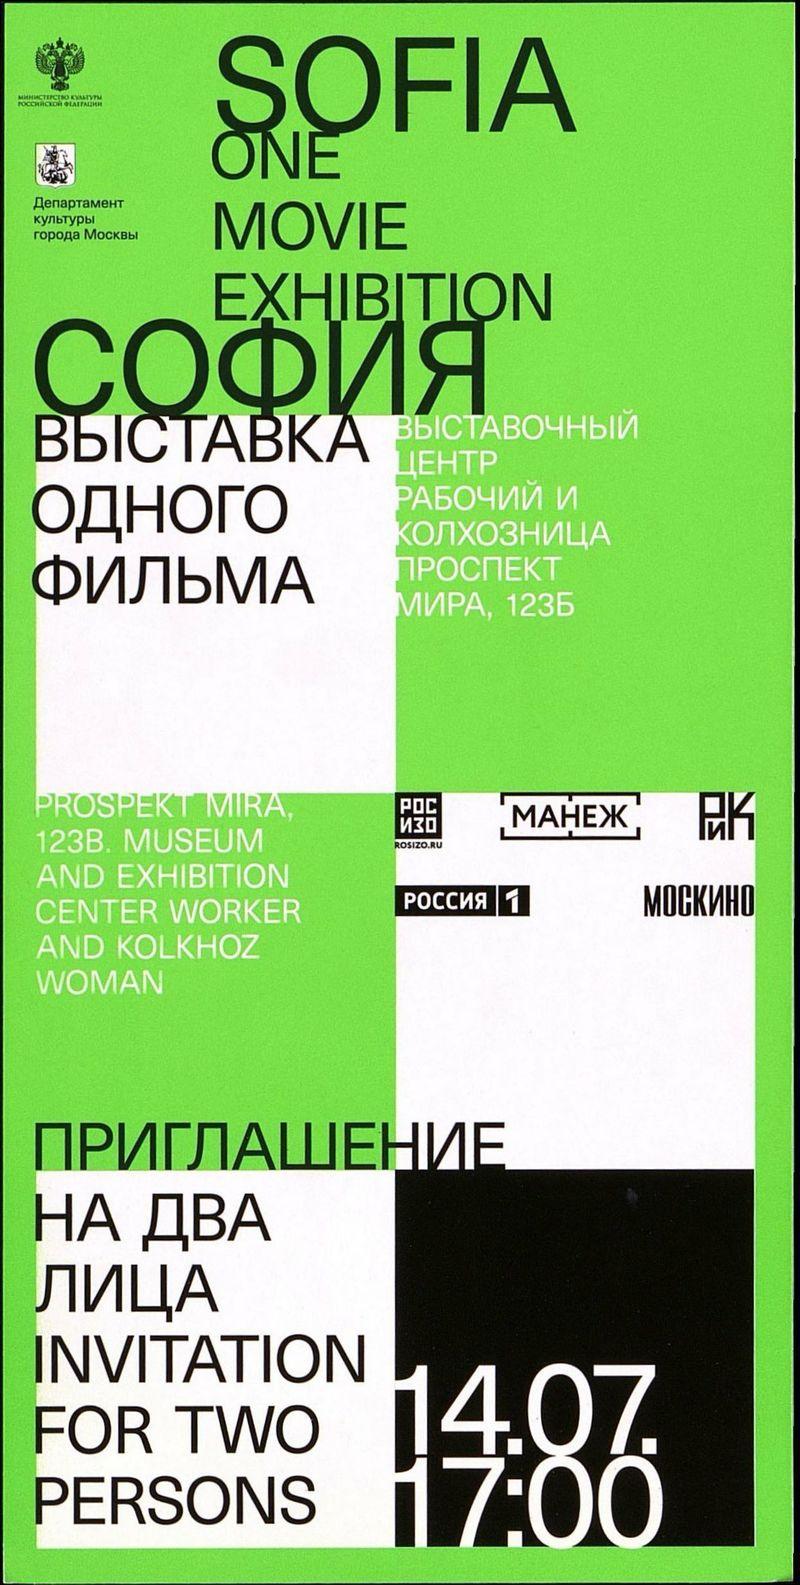 Выставка одного фильма: София